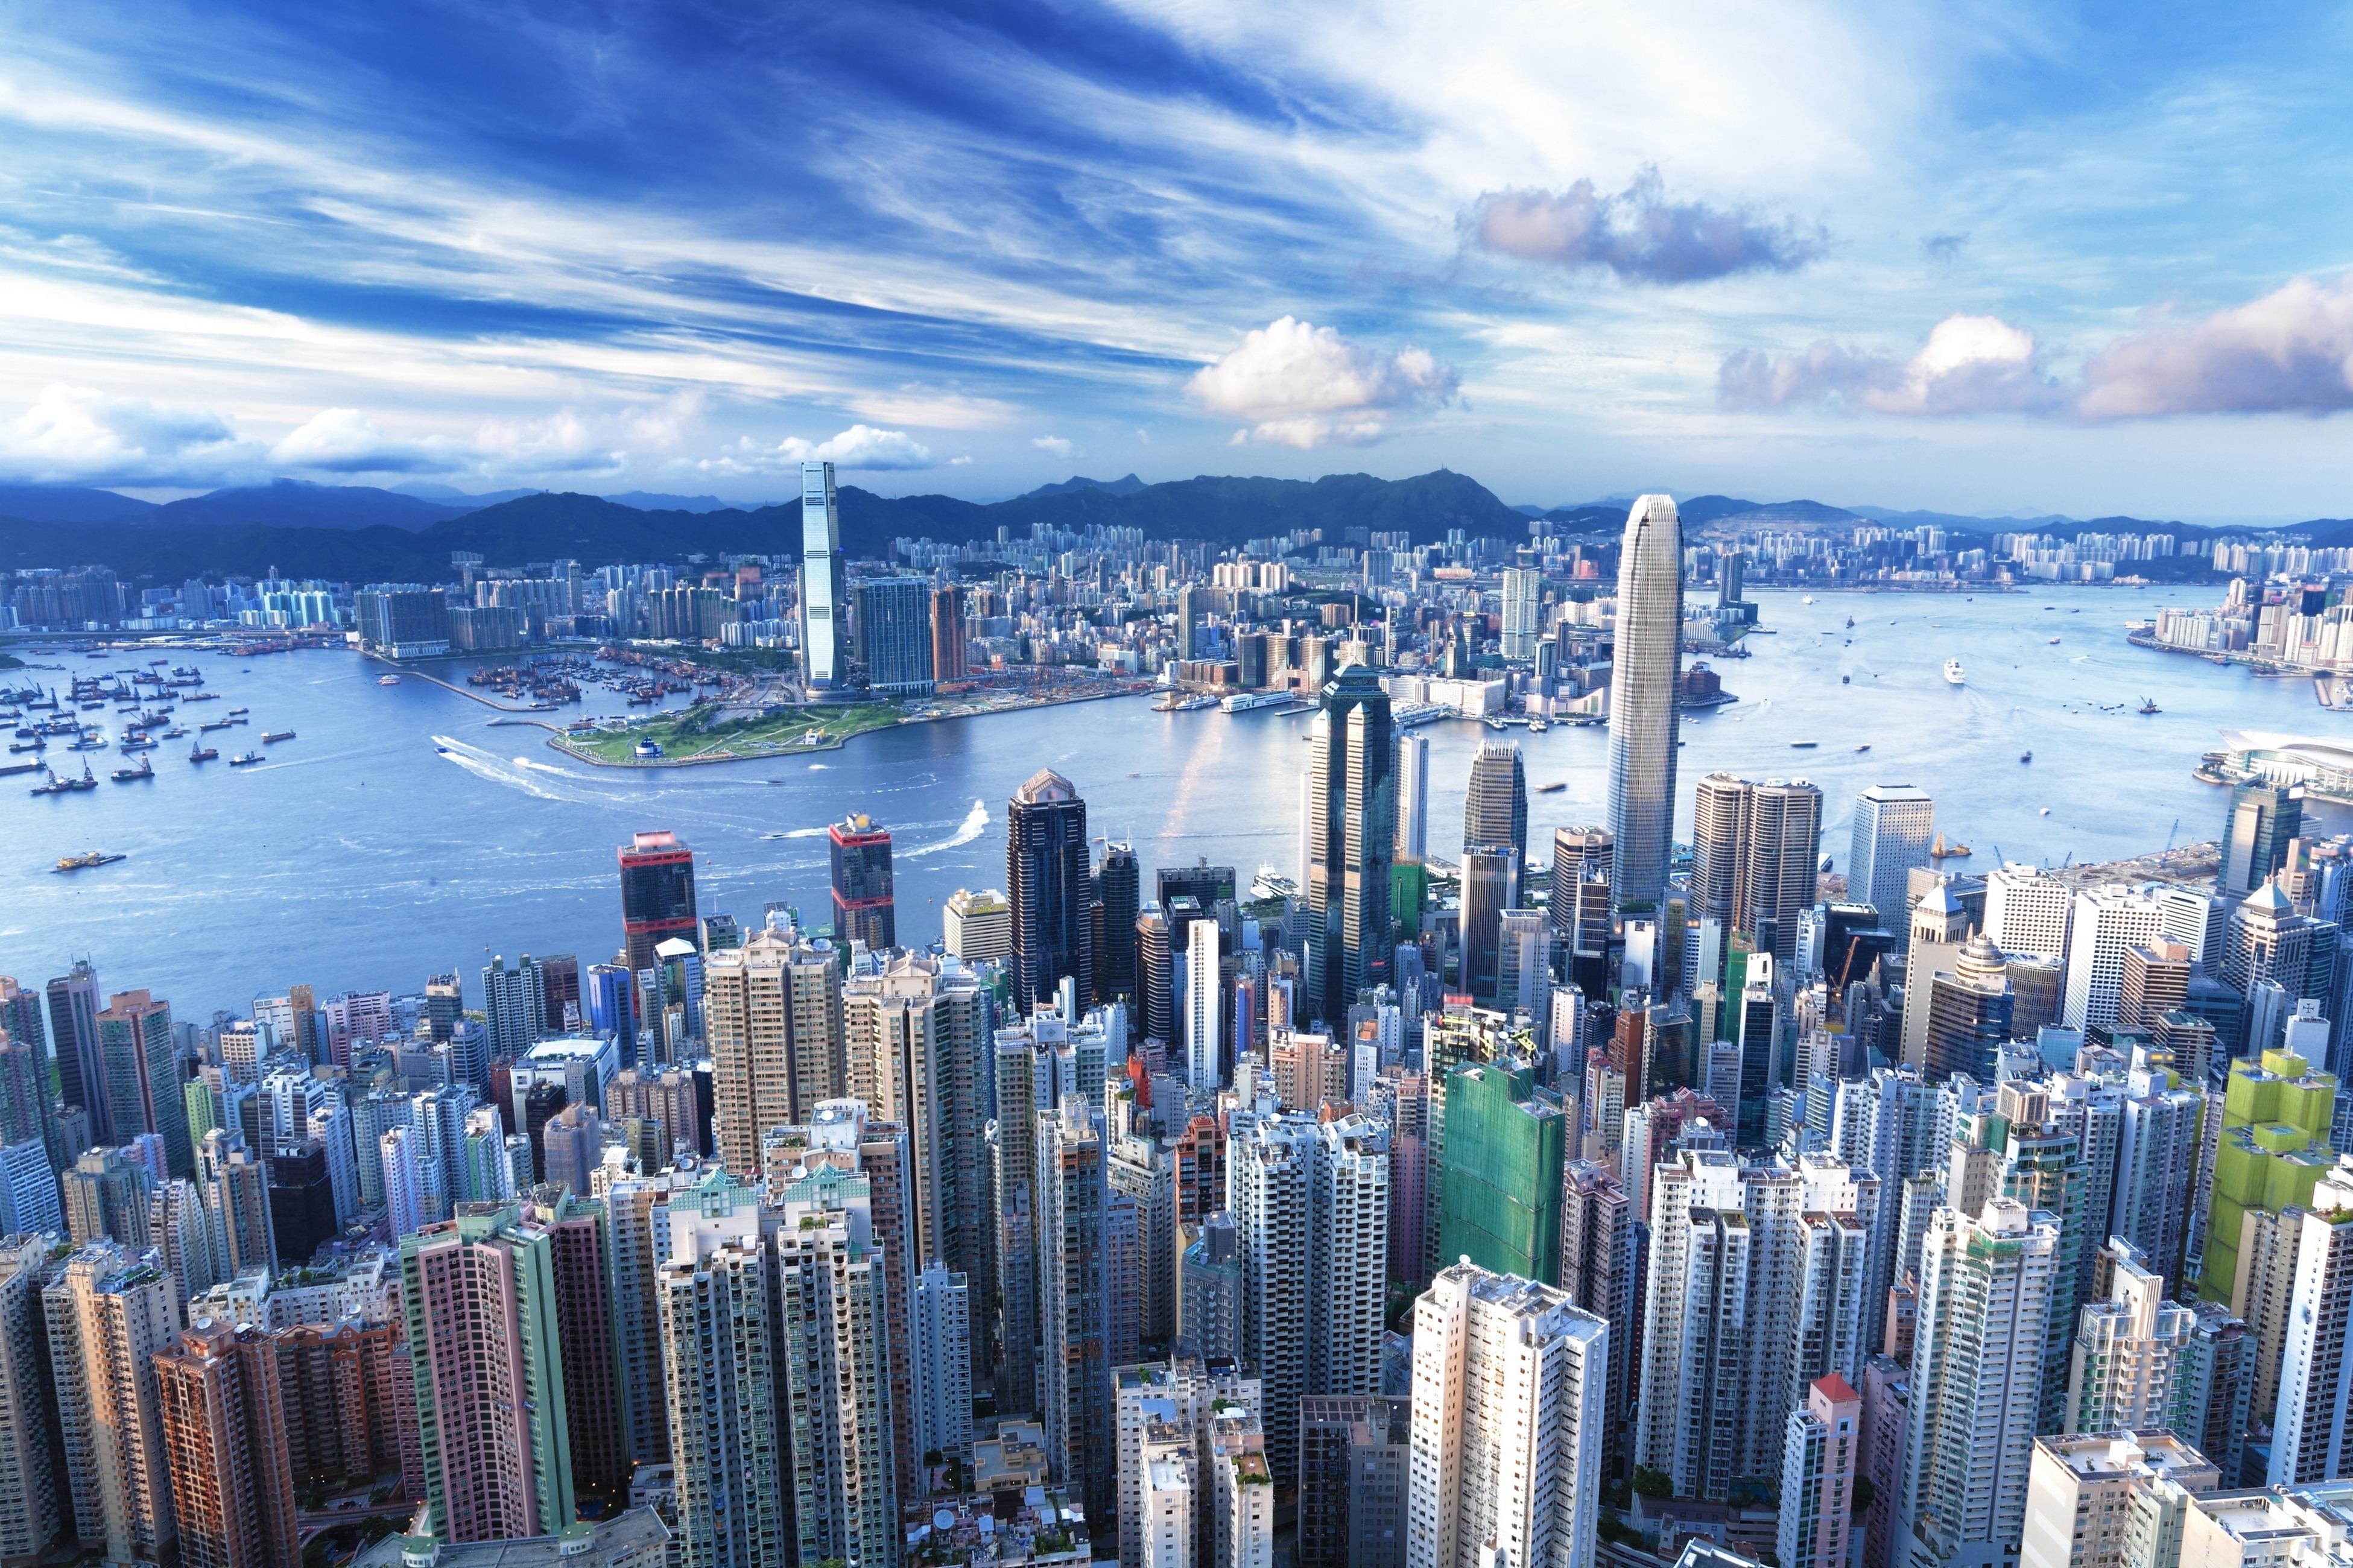 страны архитектура ночь Гонконг  № 1481699 загрузить